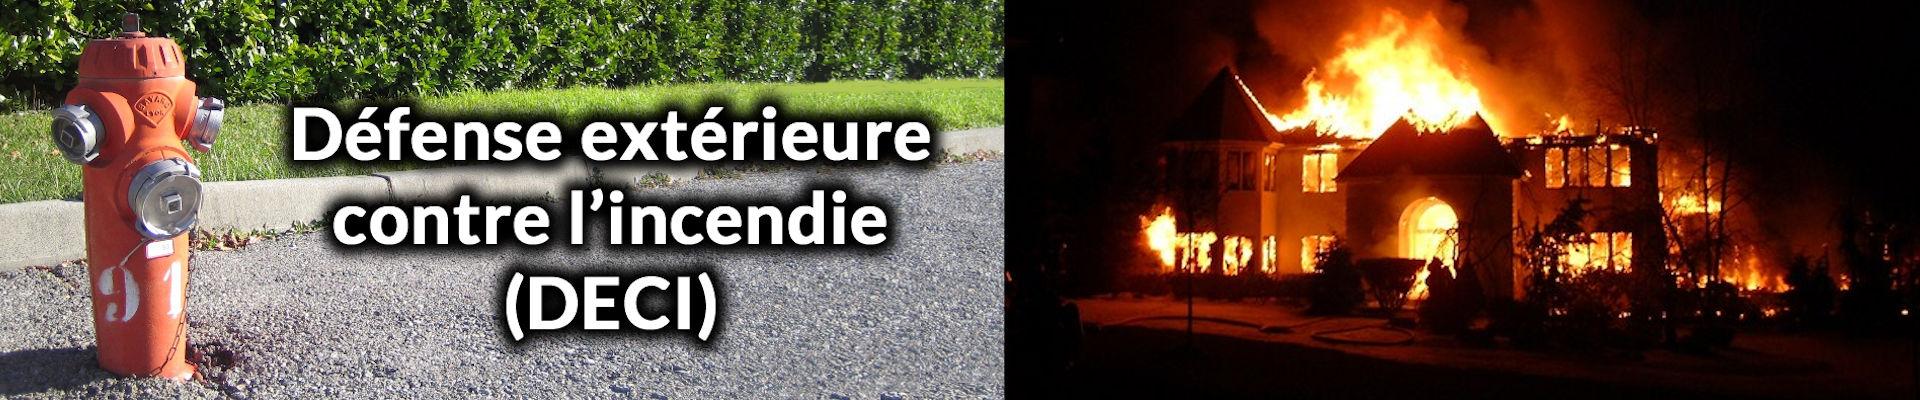 défense extérieure contre l'incendie